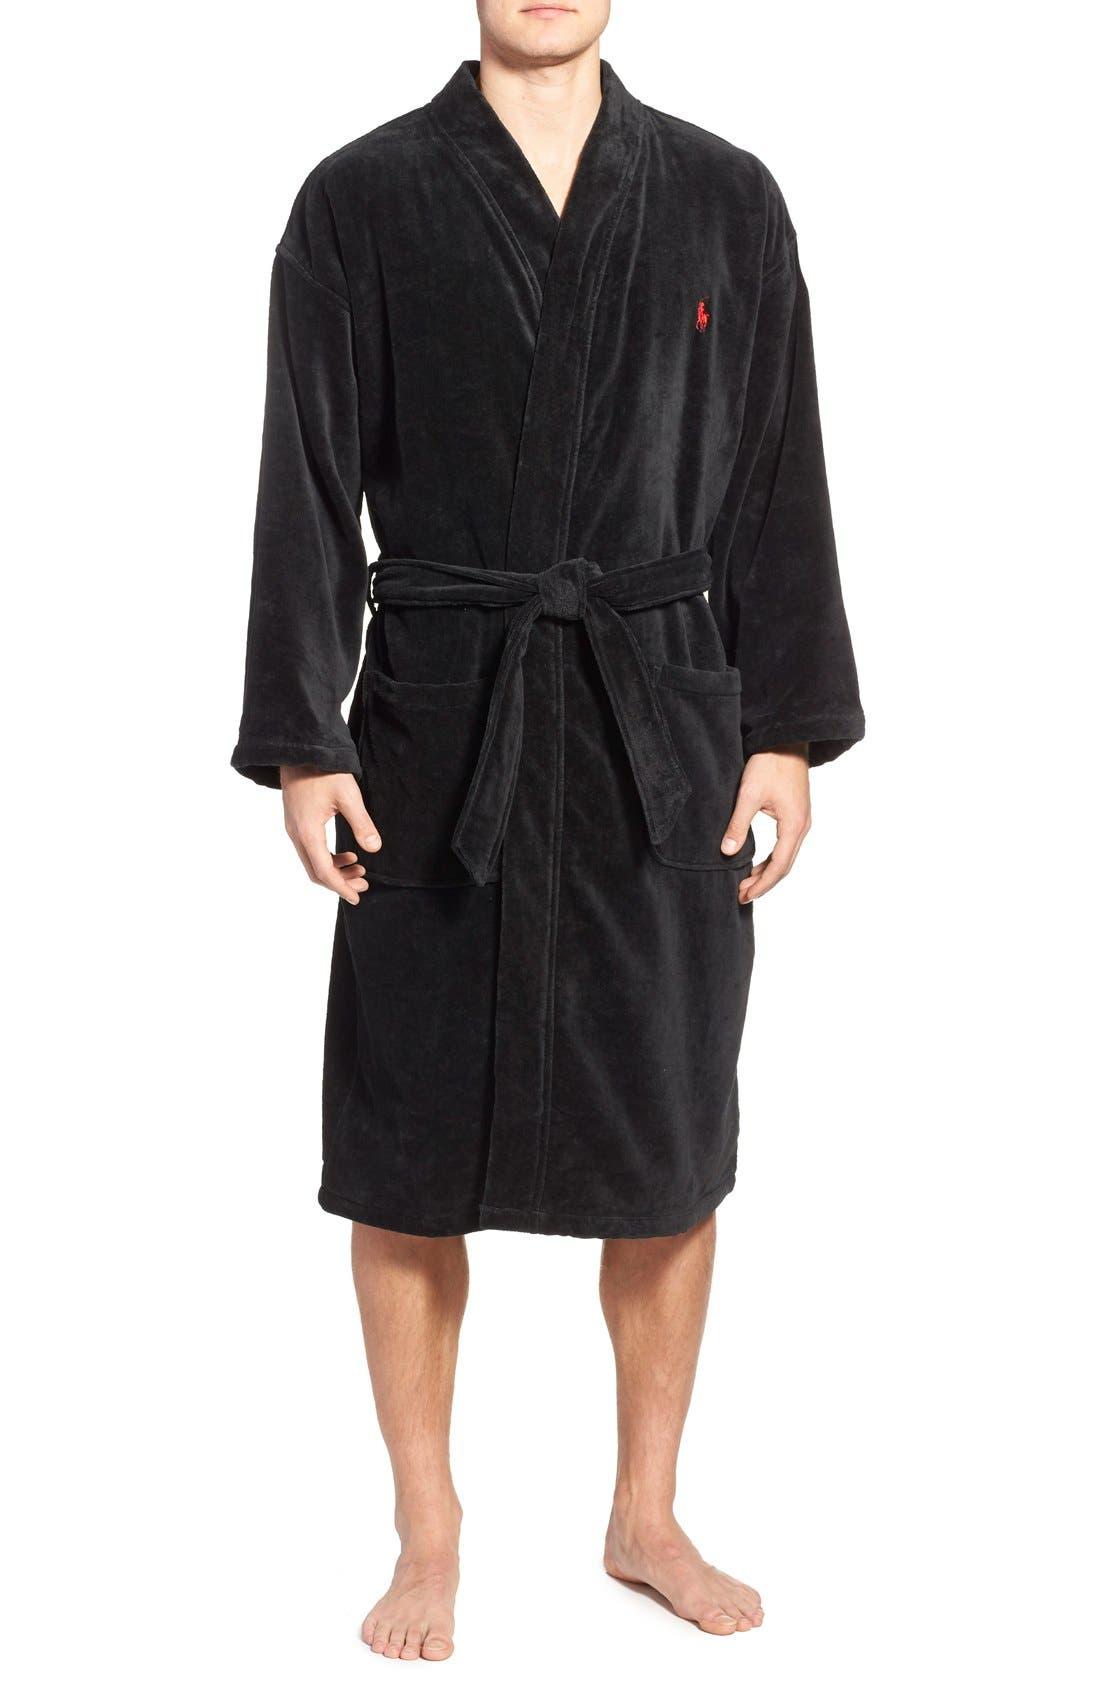 POLO RALPH LAUREN Cotton Fleece Robe, Main, color, POLO BLACK